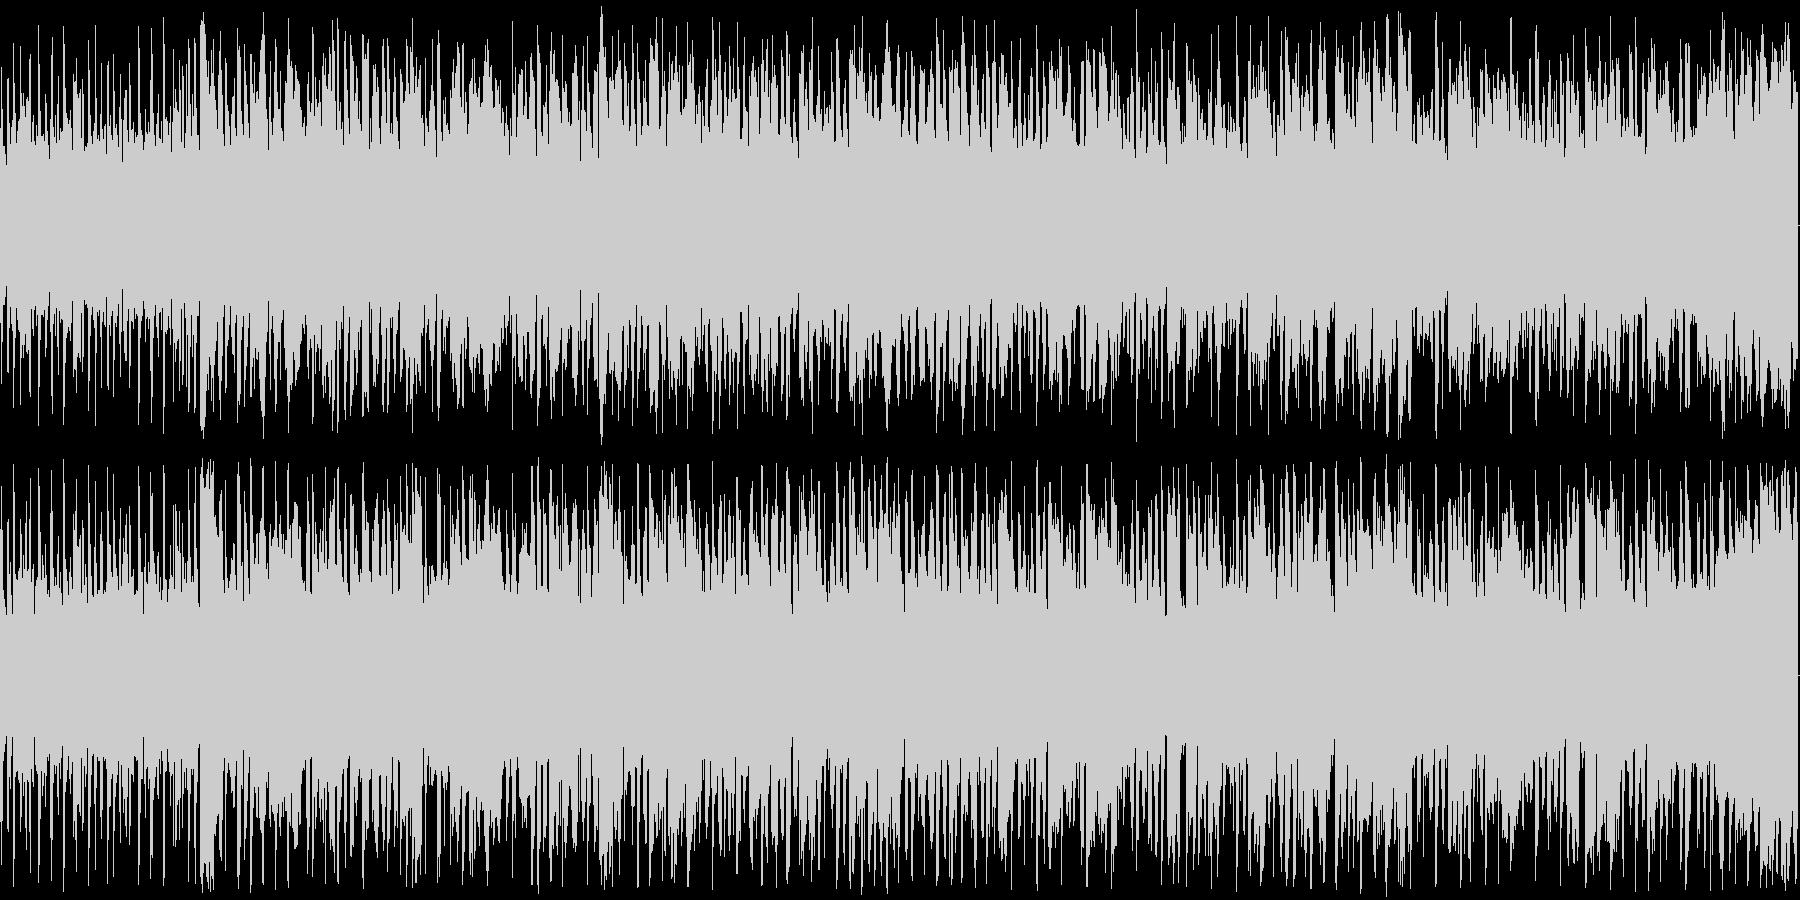 楽しくコミカルな雰囲気のBGMですの未再生の波形